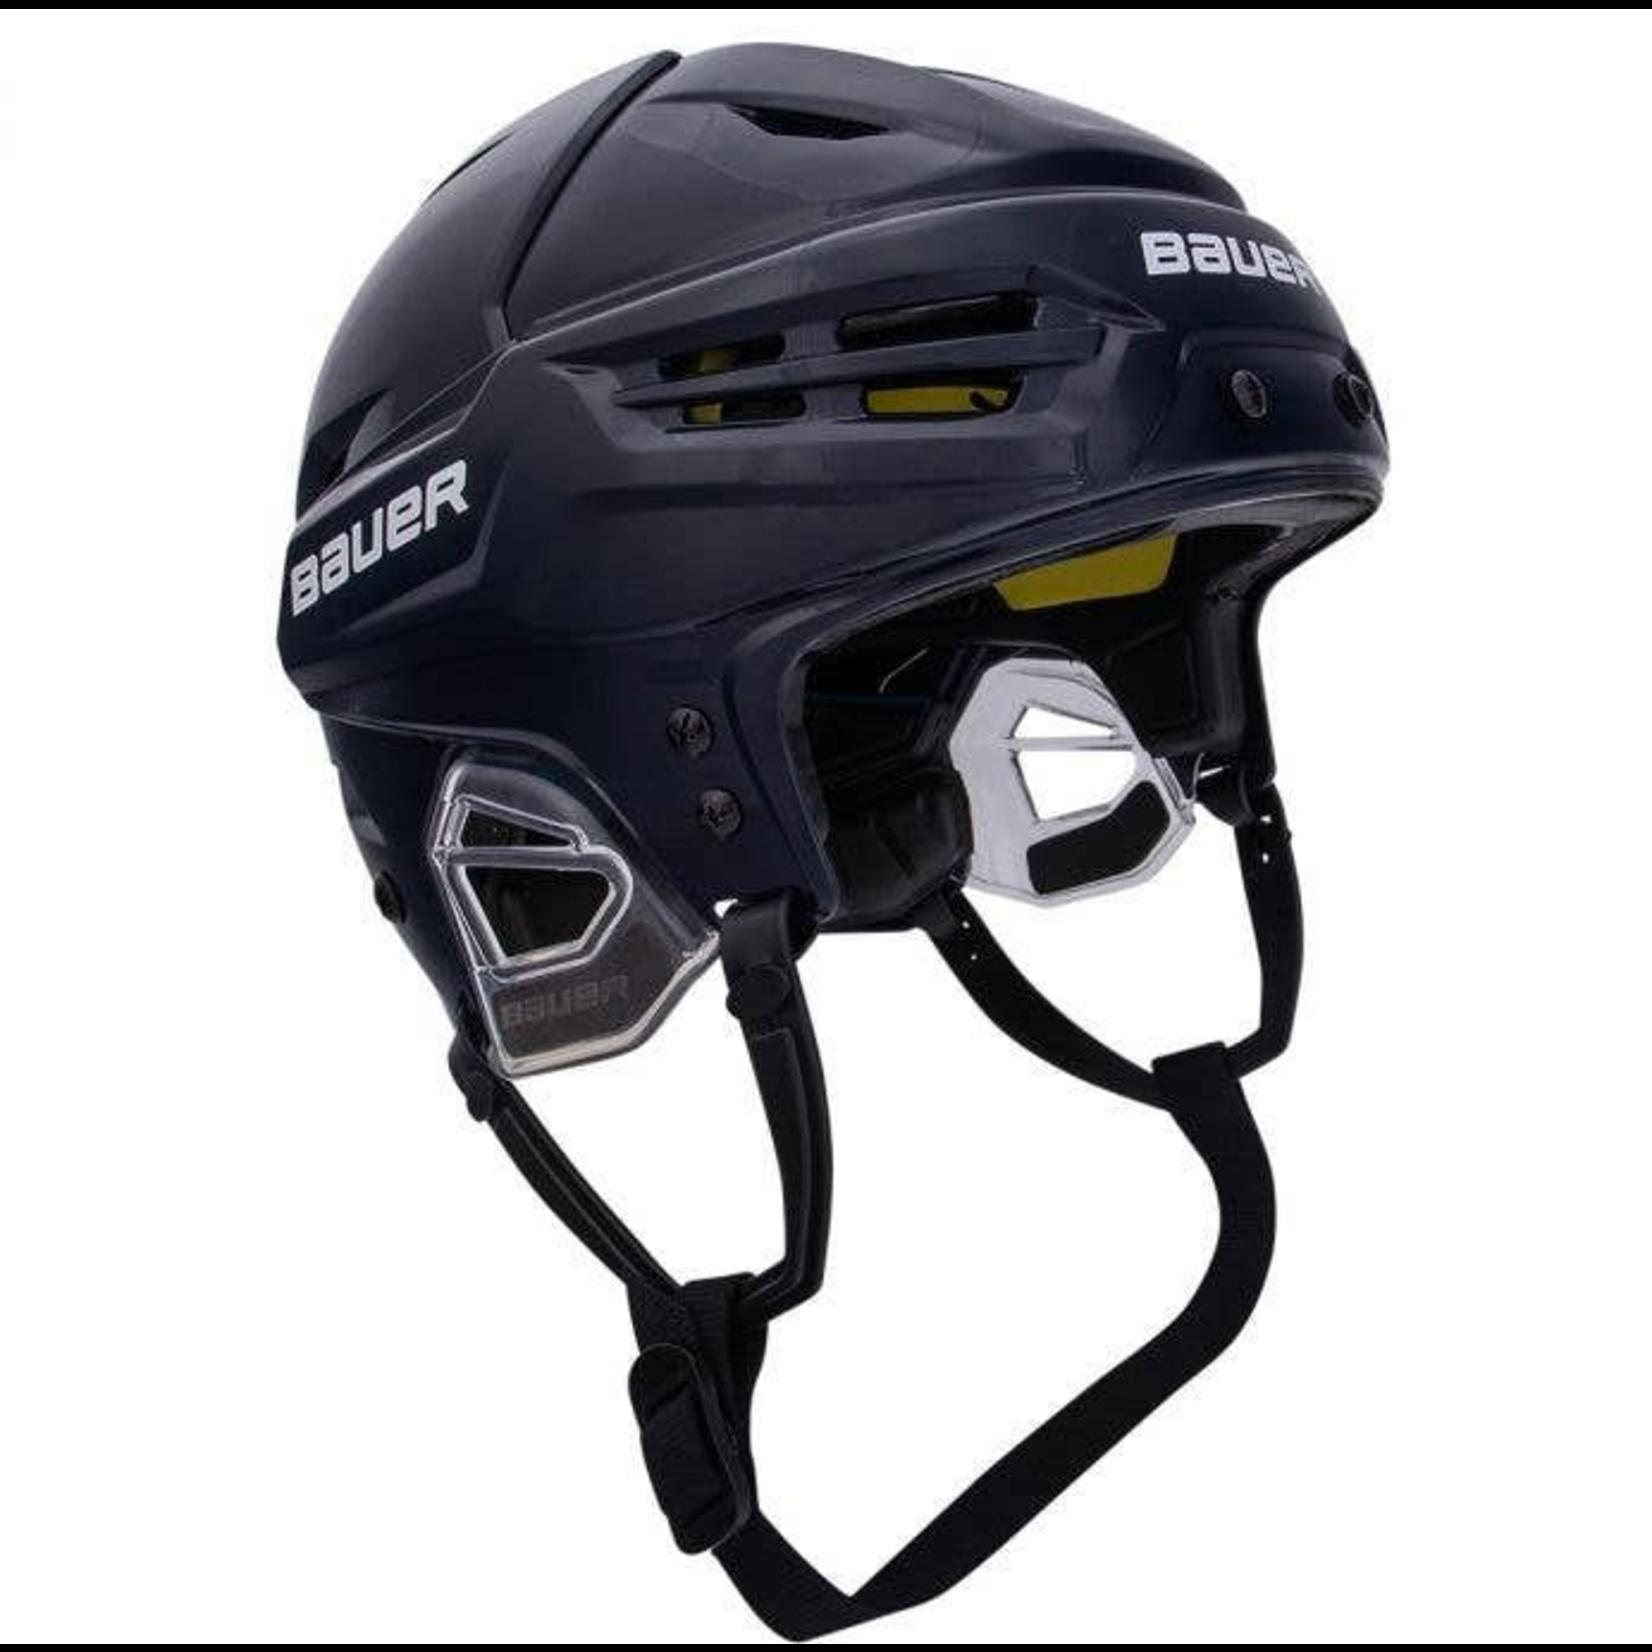 Bauer Bauer Re-AKT 95 Helmet